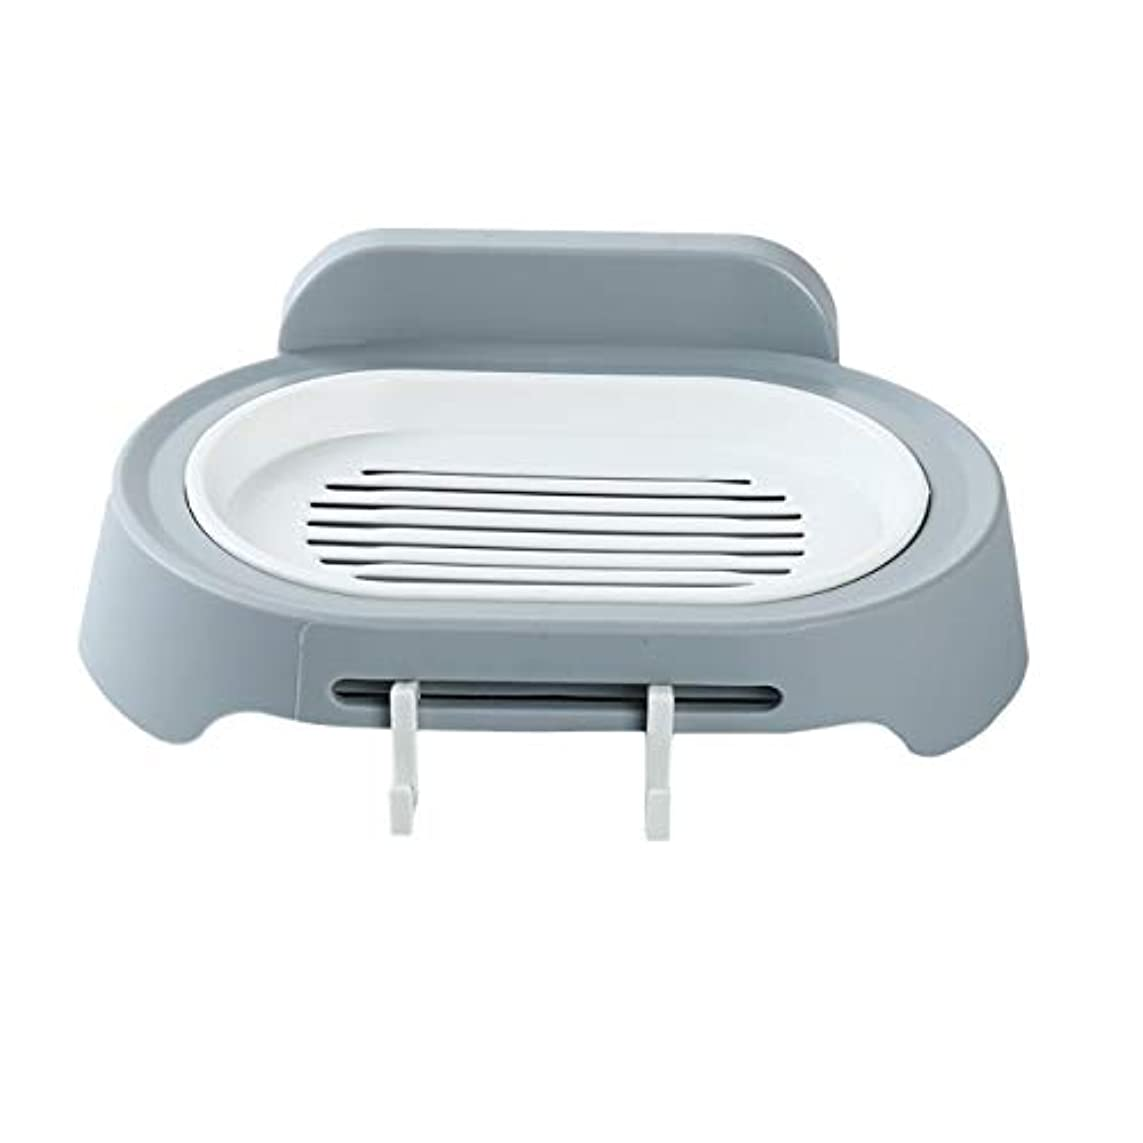 騙すソース過敏なZALING 灰色のホックが付いているの浴室の石鹸の貯蔵の吸引の壁に取り付けられた石鹸のオルガナイザー